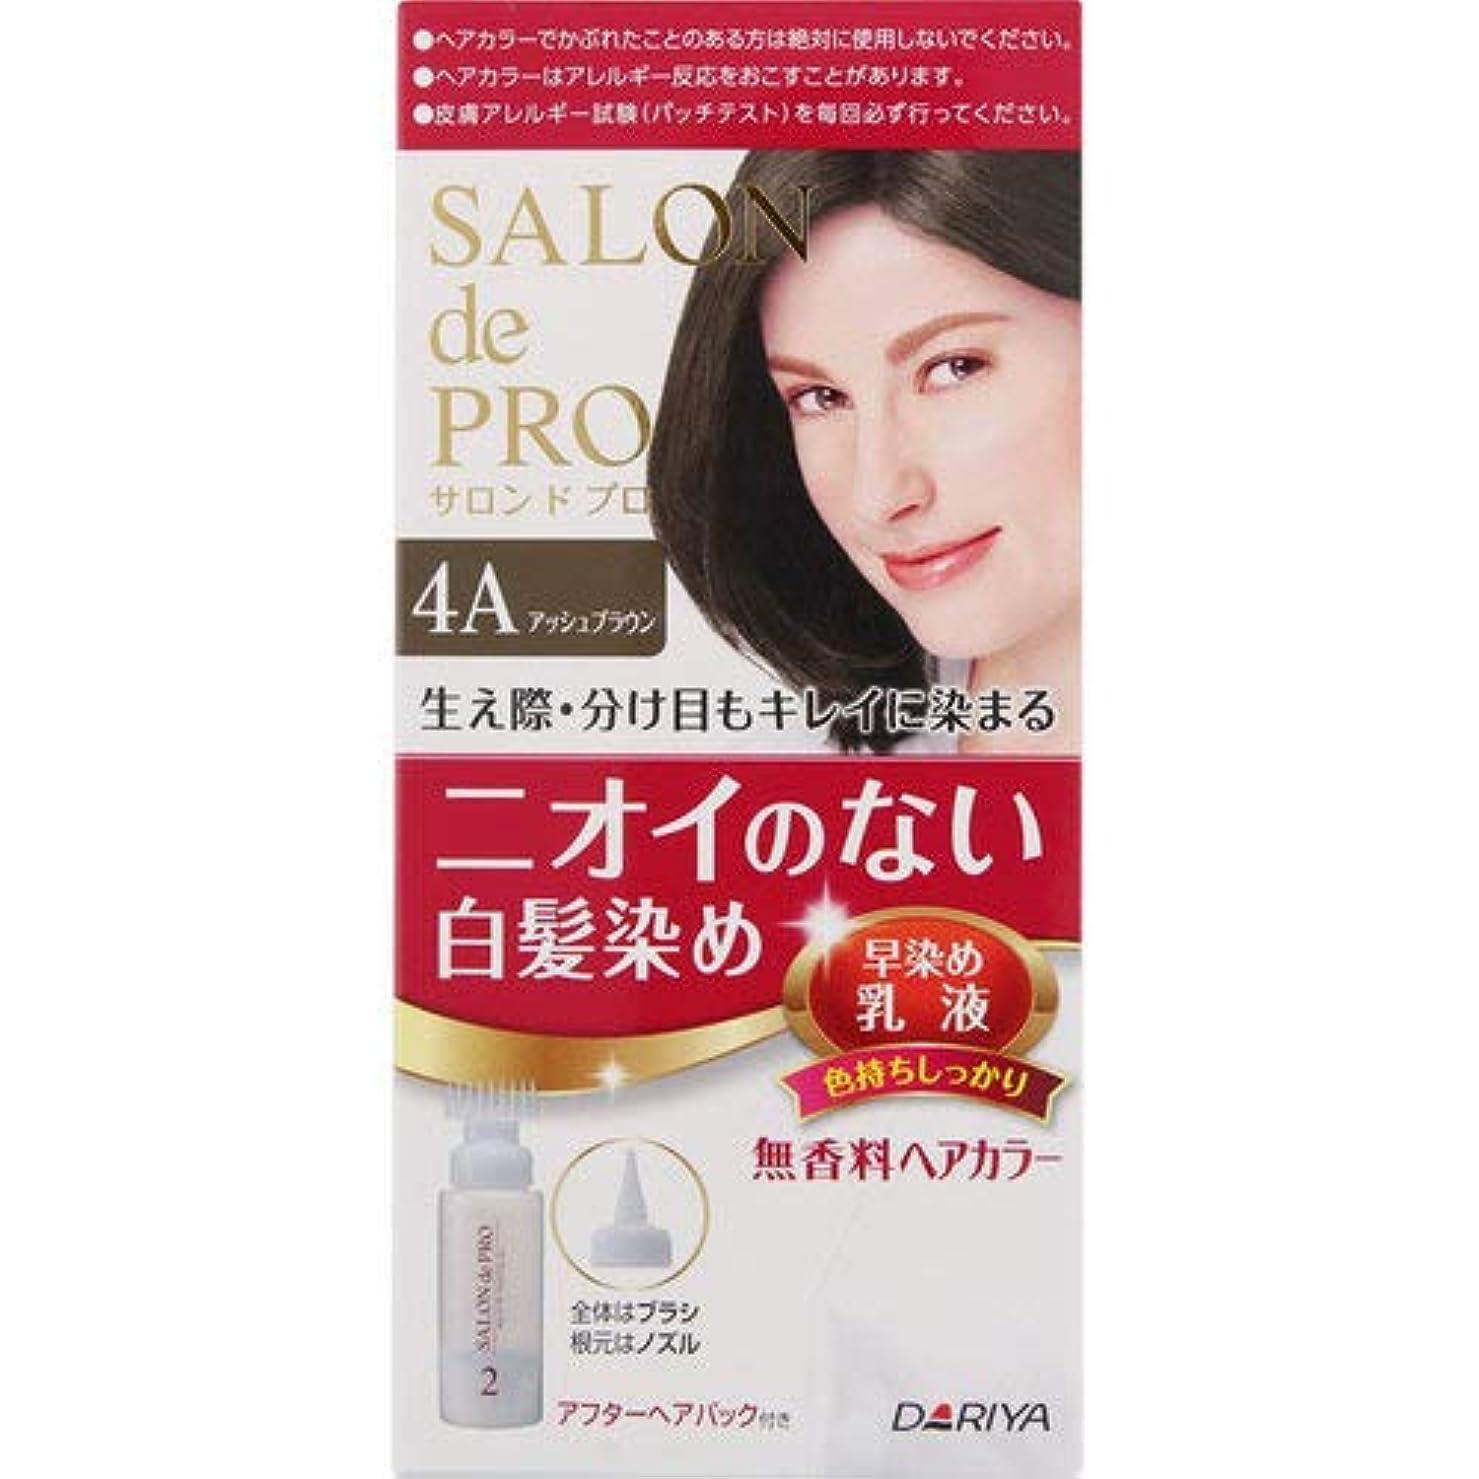 アスペクト許可するワイドサロンドプロ無香料ヘアカラー早染め乳液4A(アッシュブラウン)